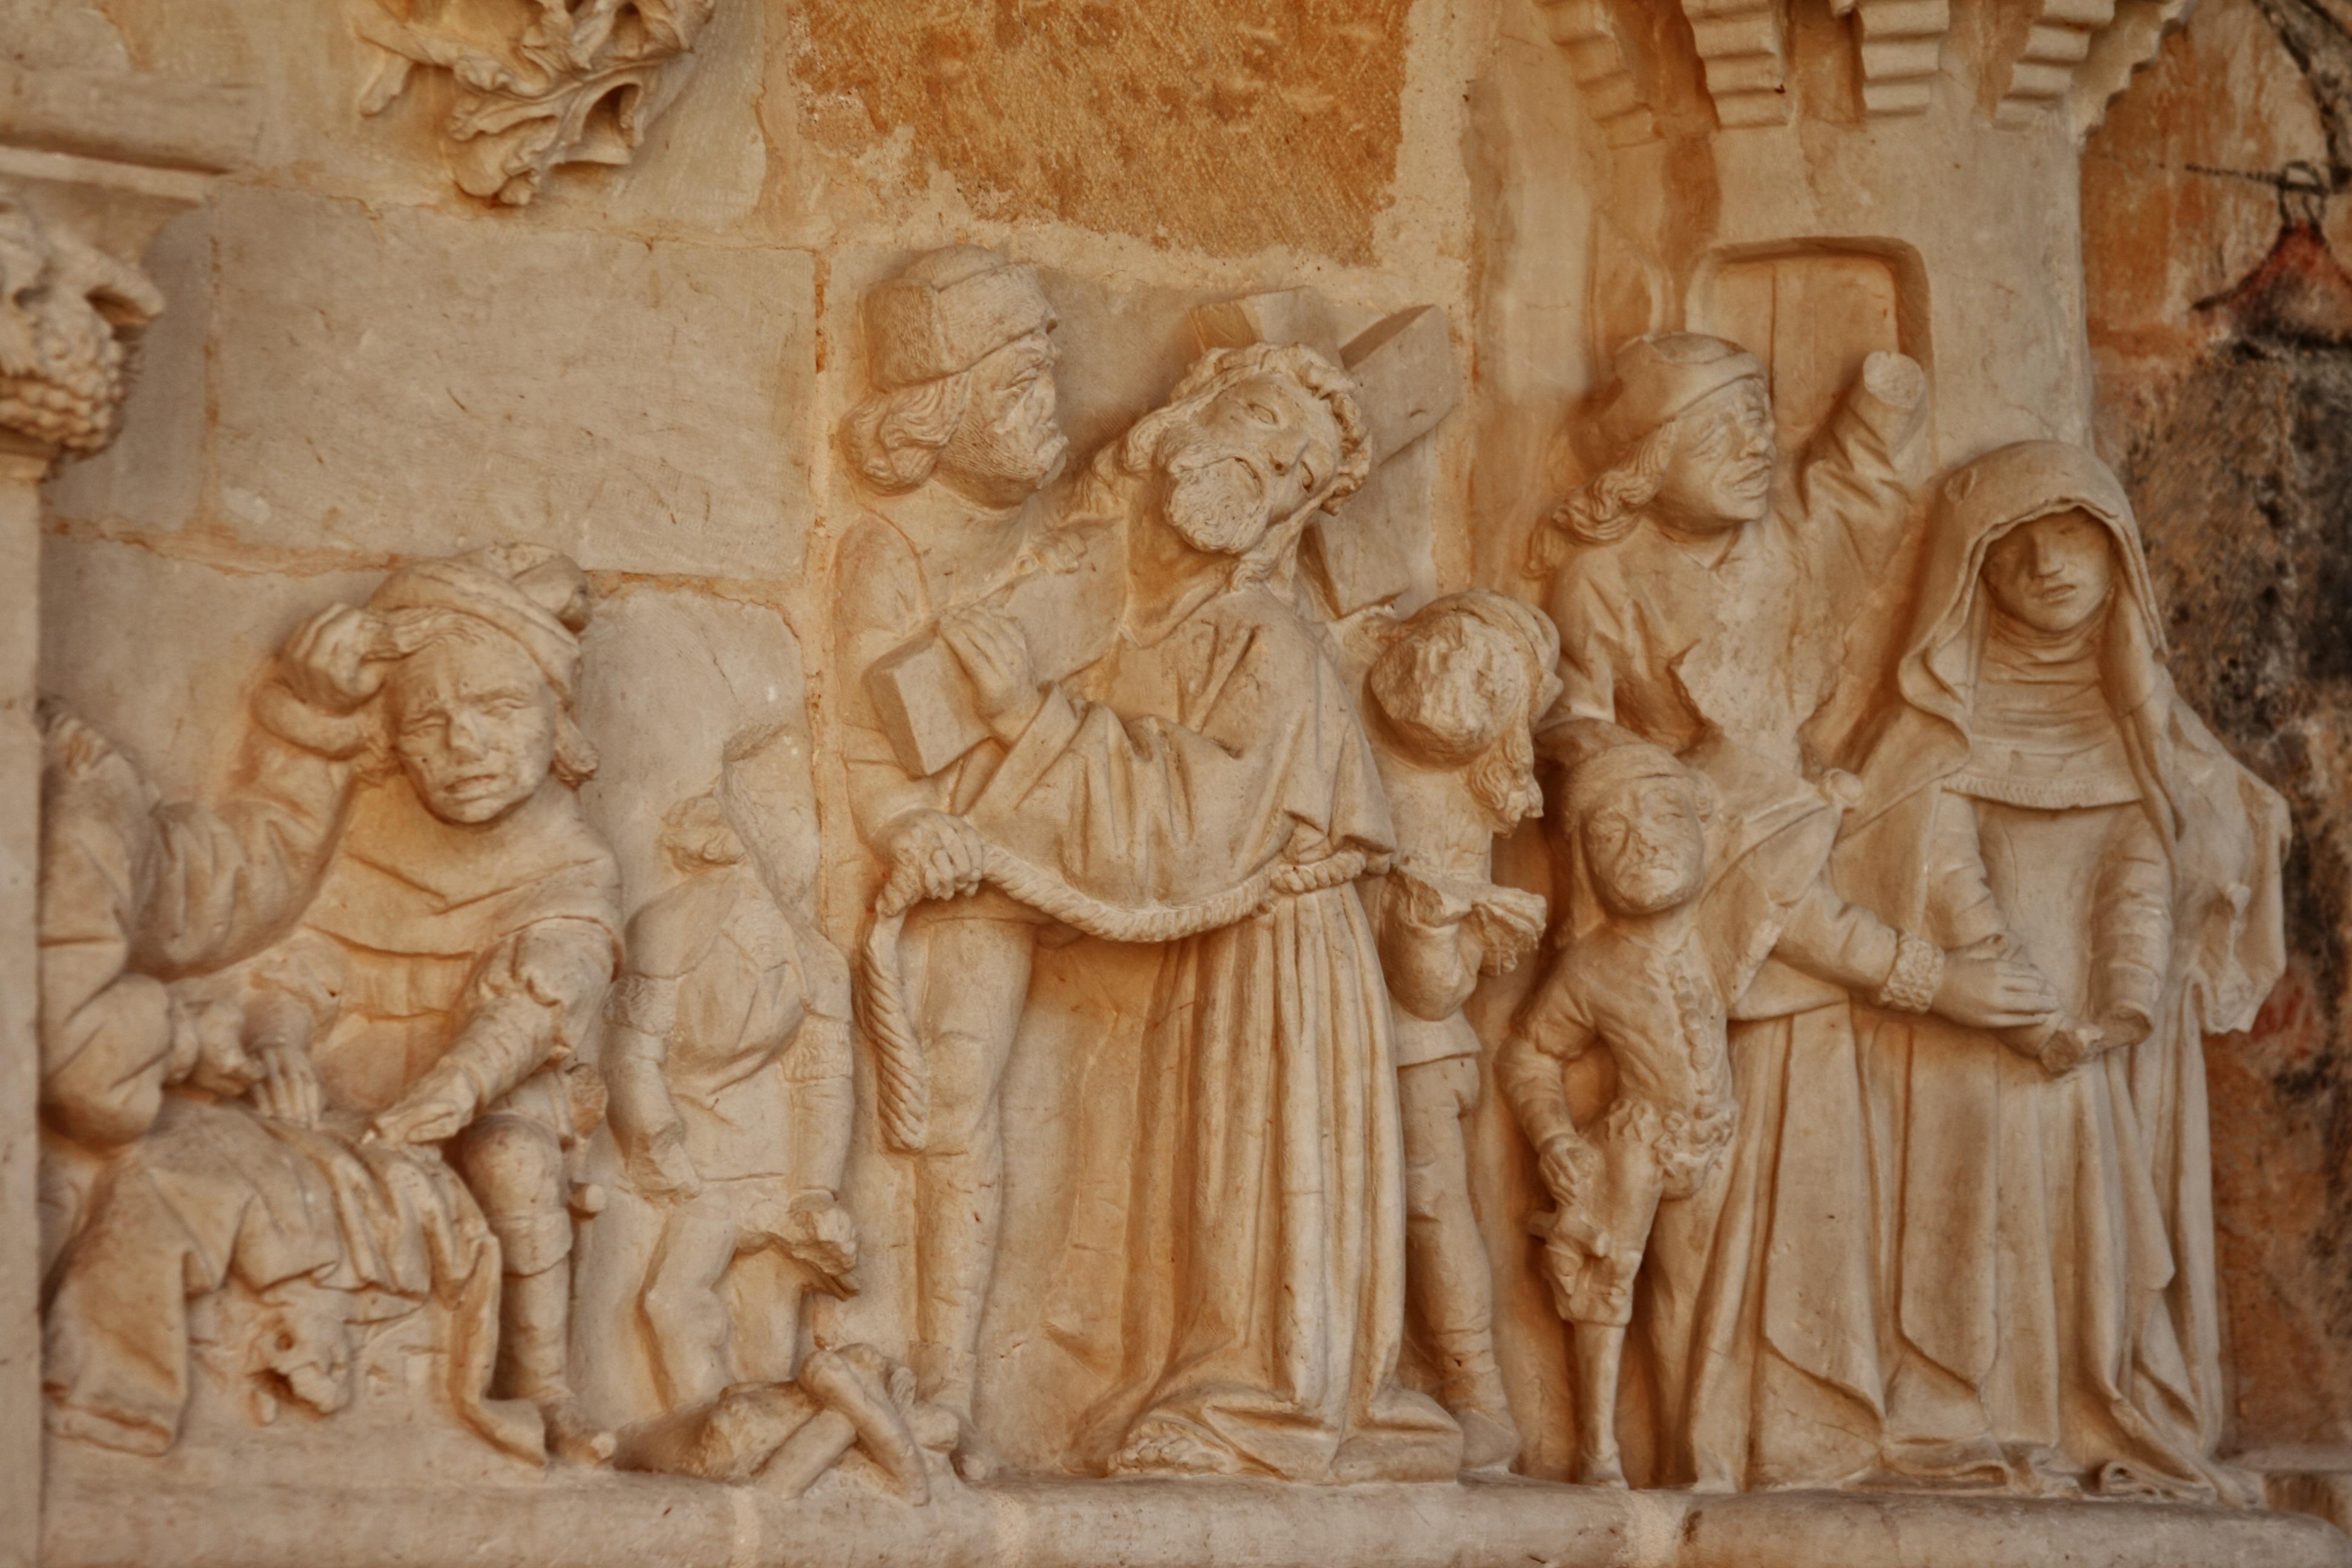 Kostenlose foto holz monument bildung frankreich